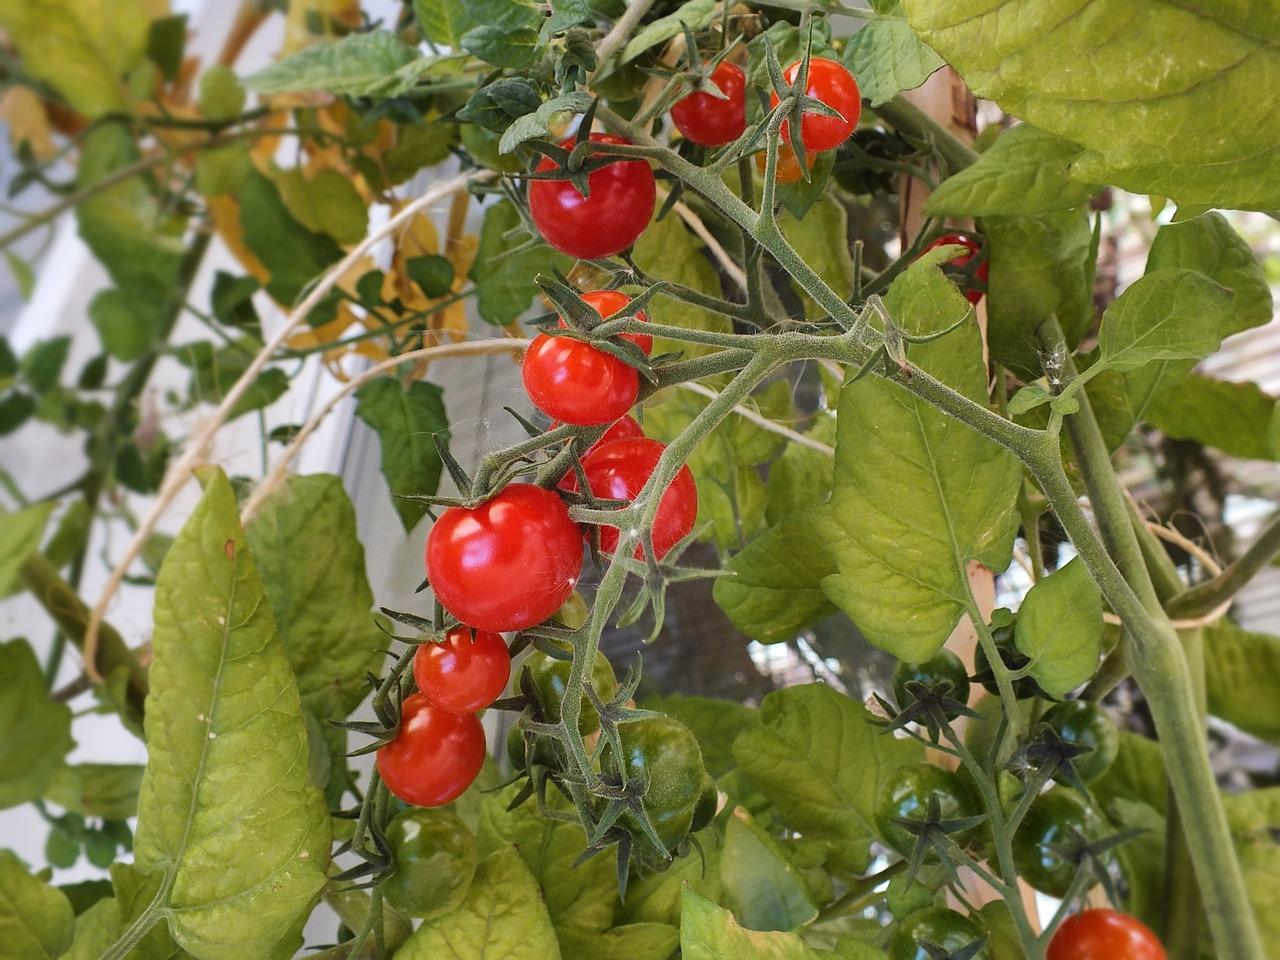 食べた果物や野菜の種を使った3大活用法を大公開